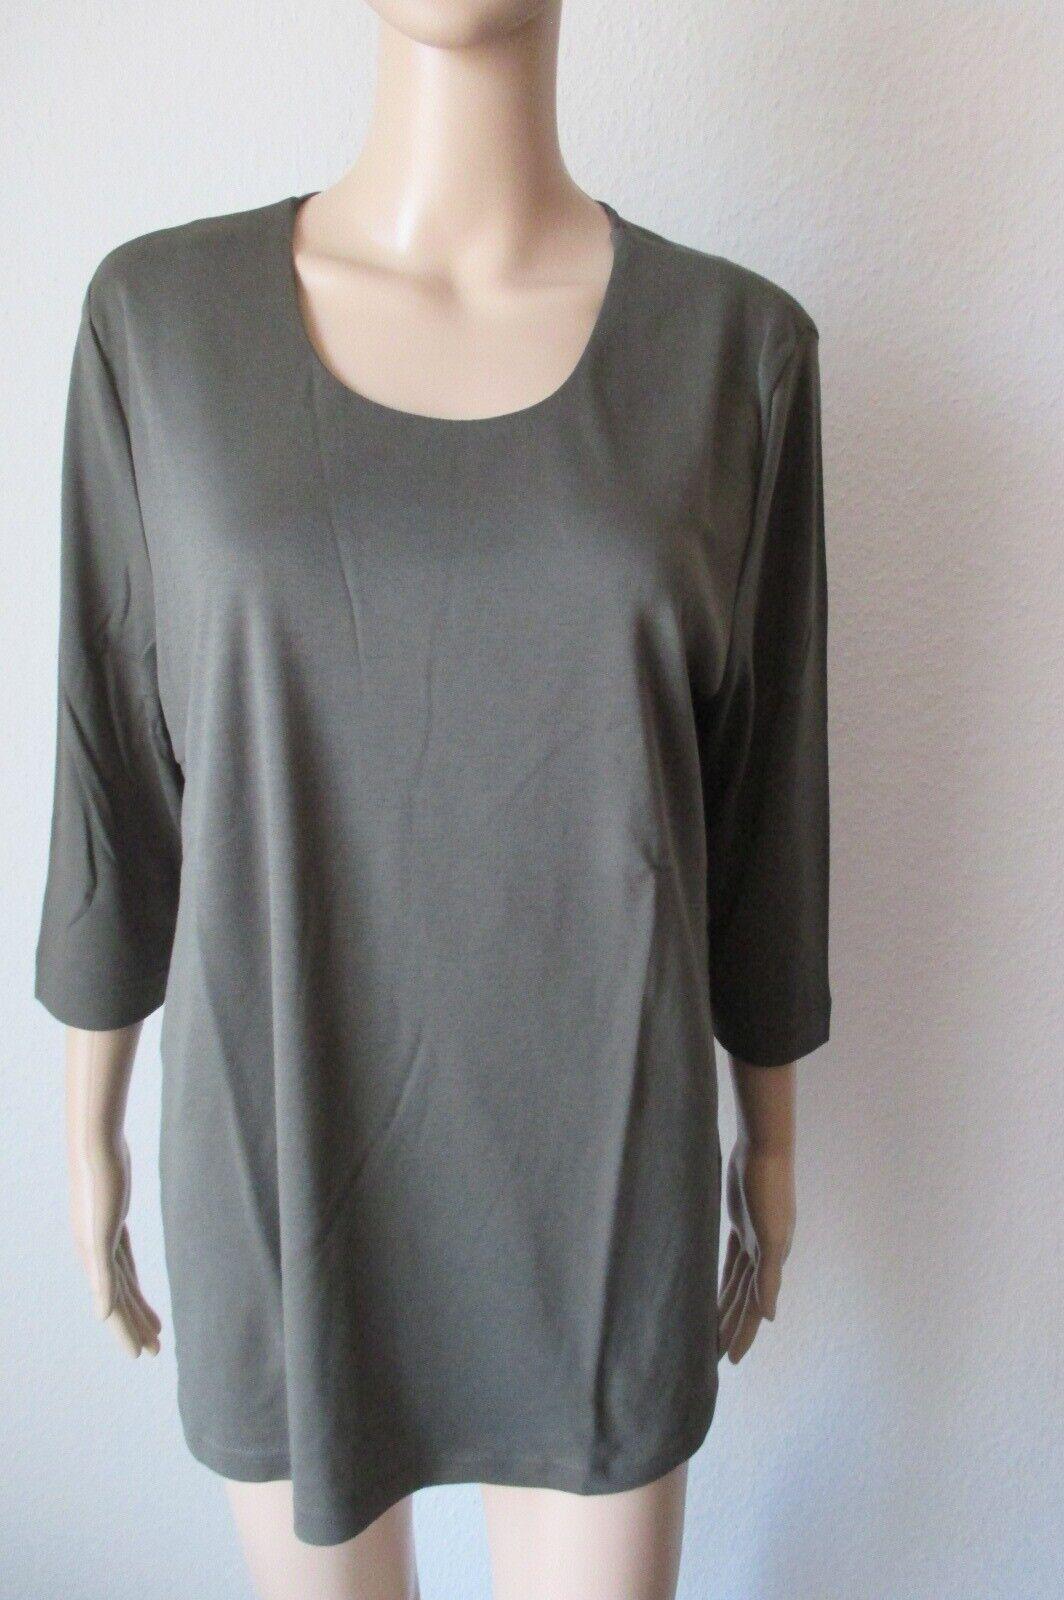 Efixelle Shirt mit 3 4 Arm, Rundhalsausschnitt, Farbe oliv, Größe 48